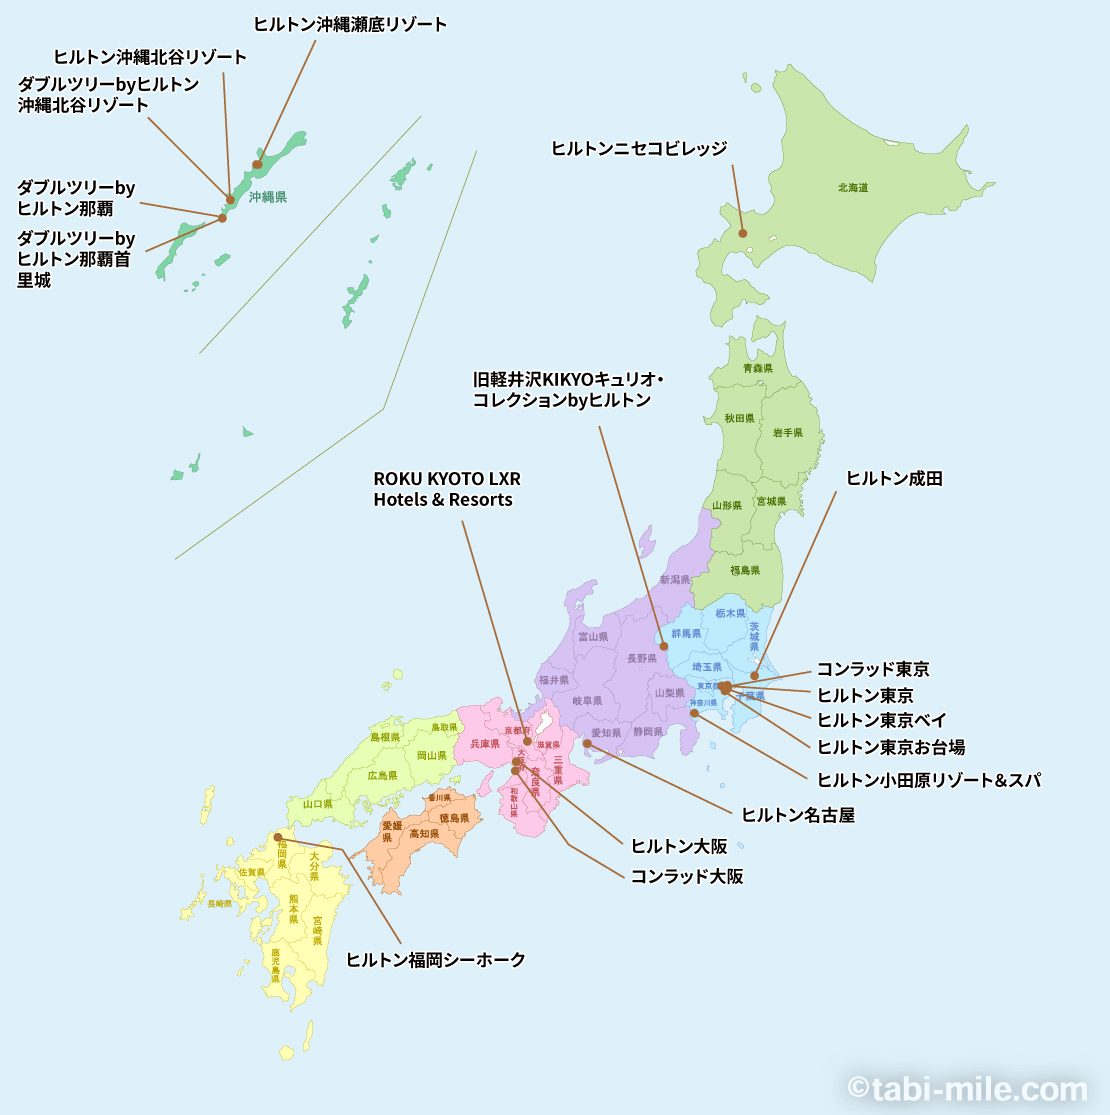 日本国内のヒルトンオナーズホテル一覧